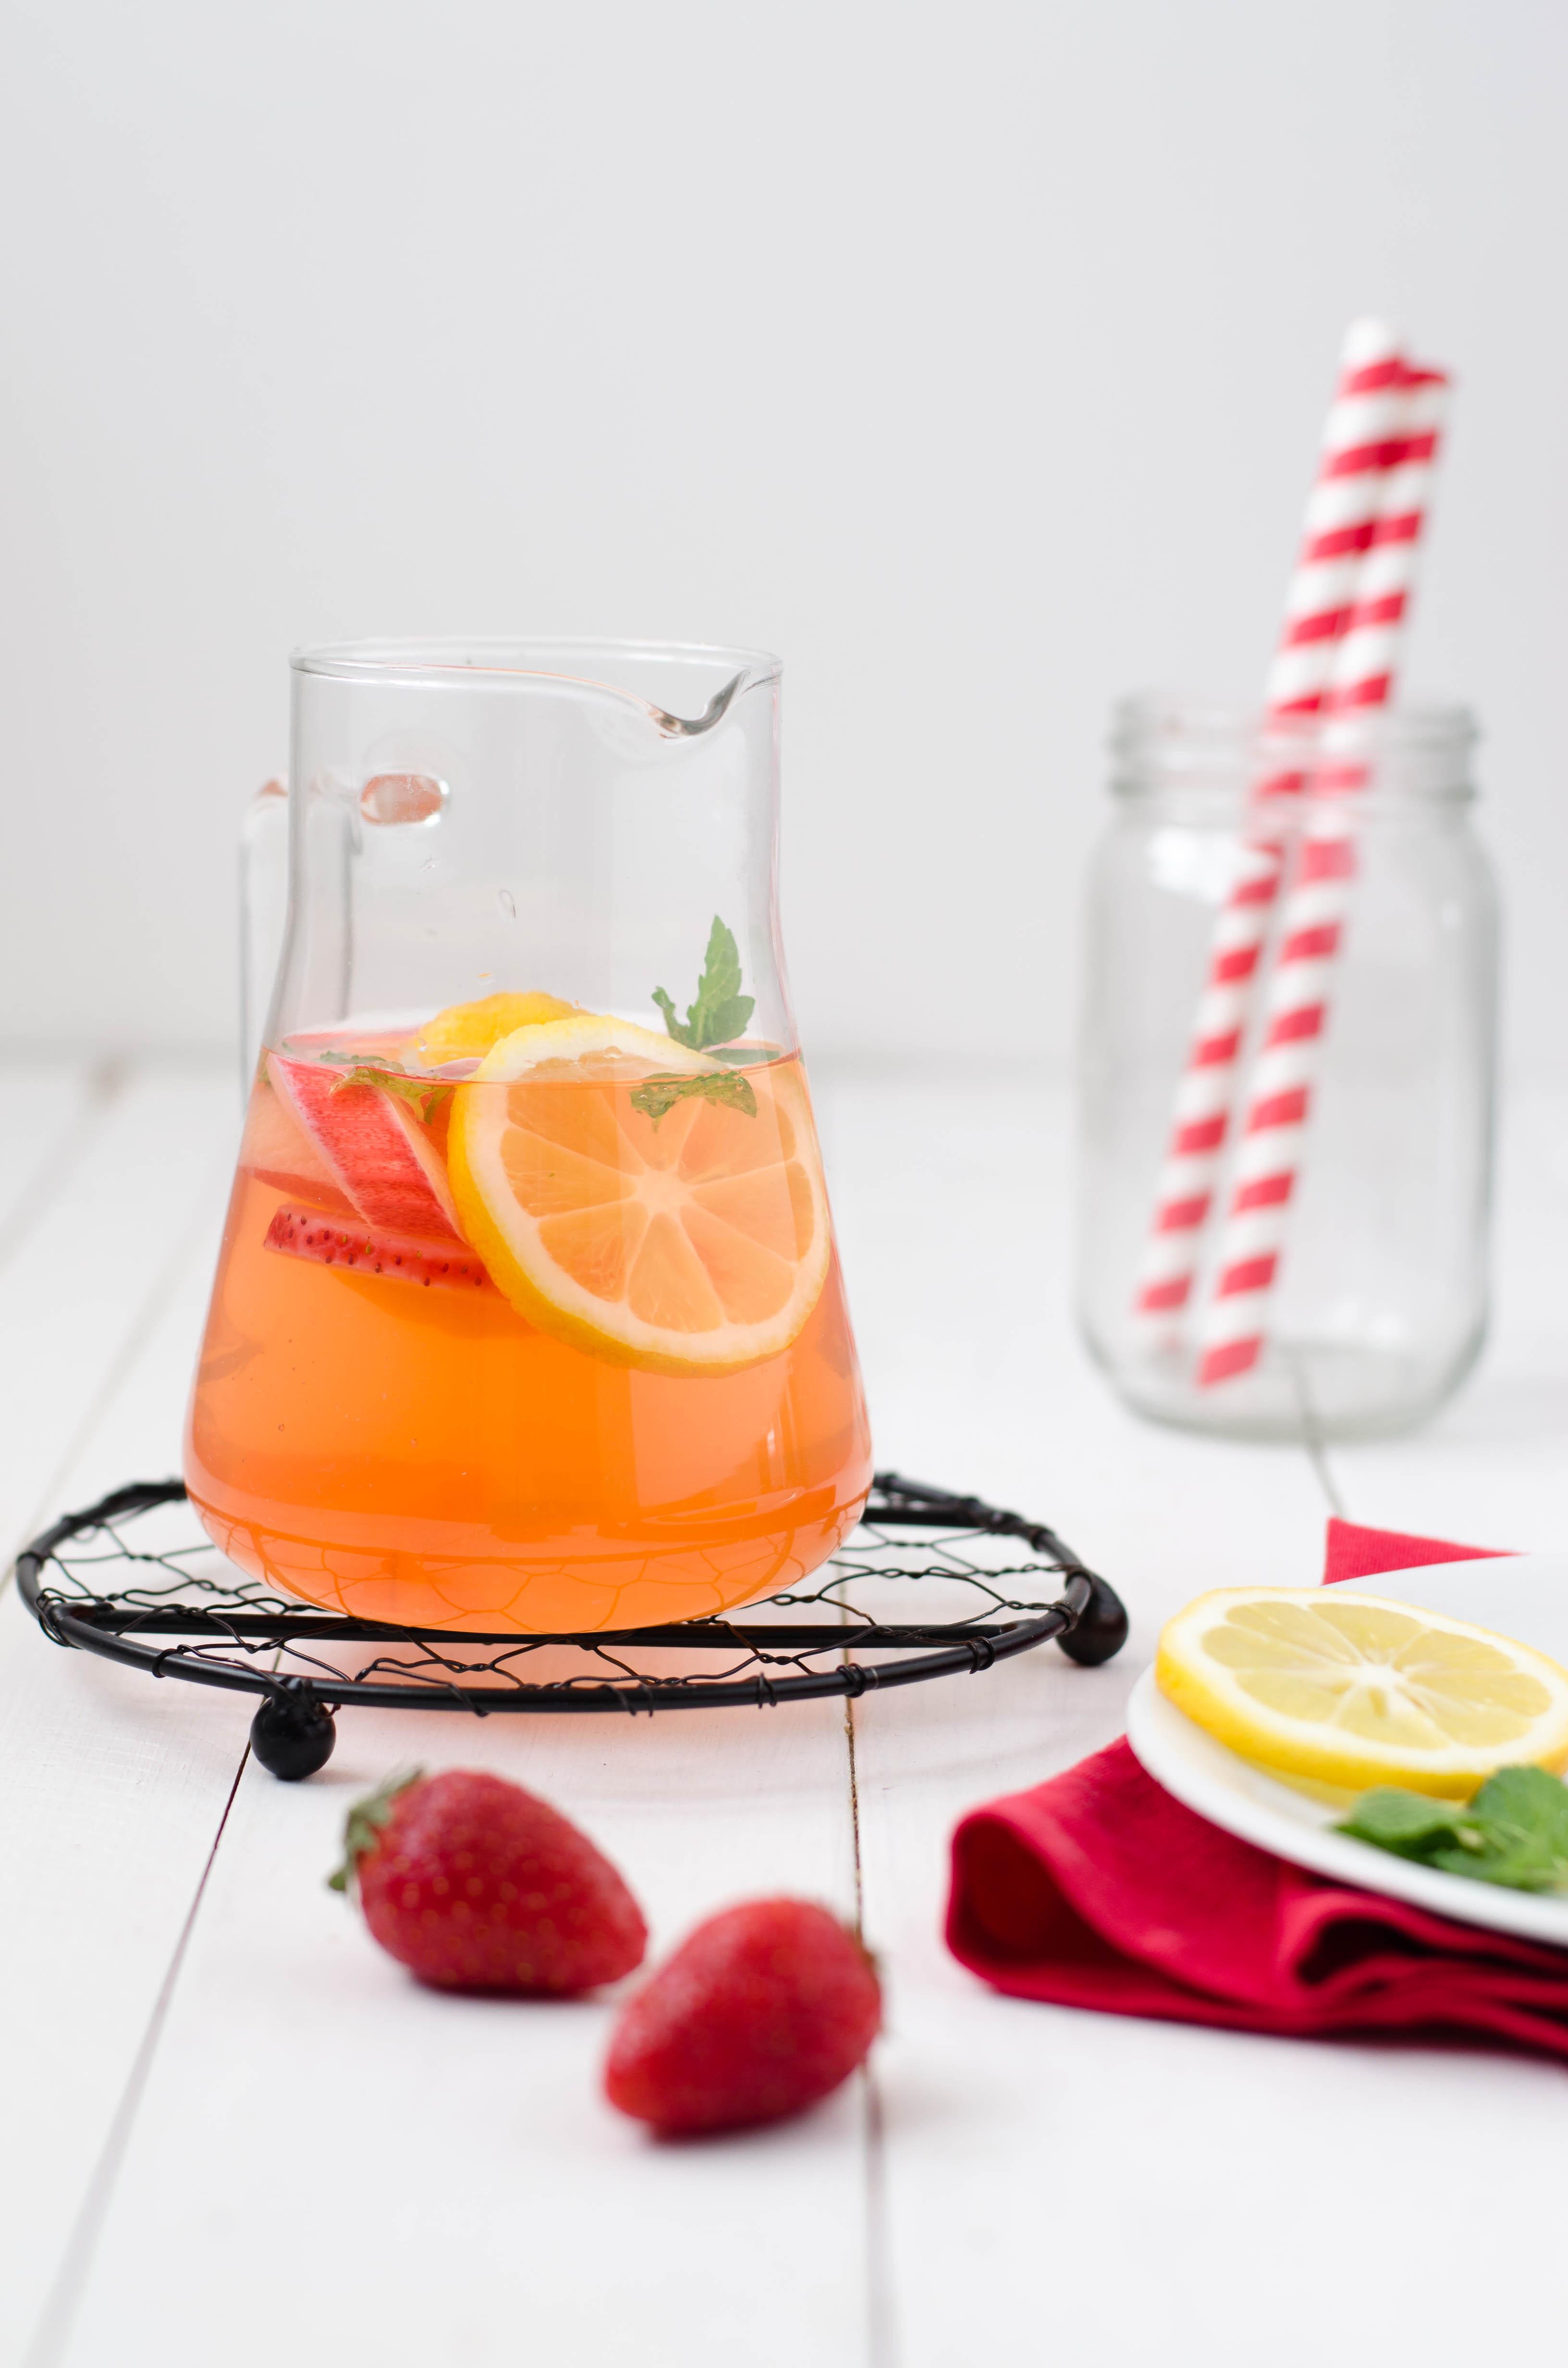 acqua_aromatizzata_rabarbaro Acqua aromatizzata al rabarbaro, fragole e zenzero